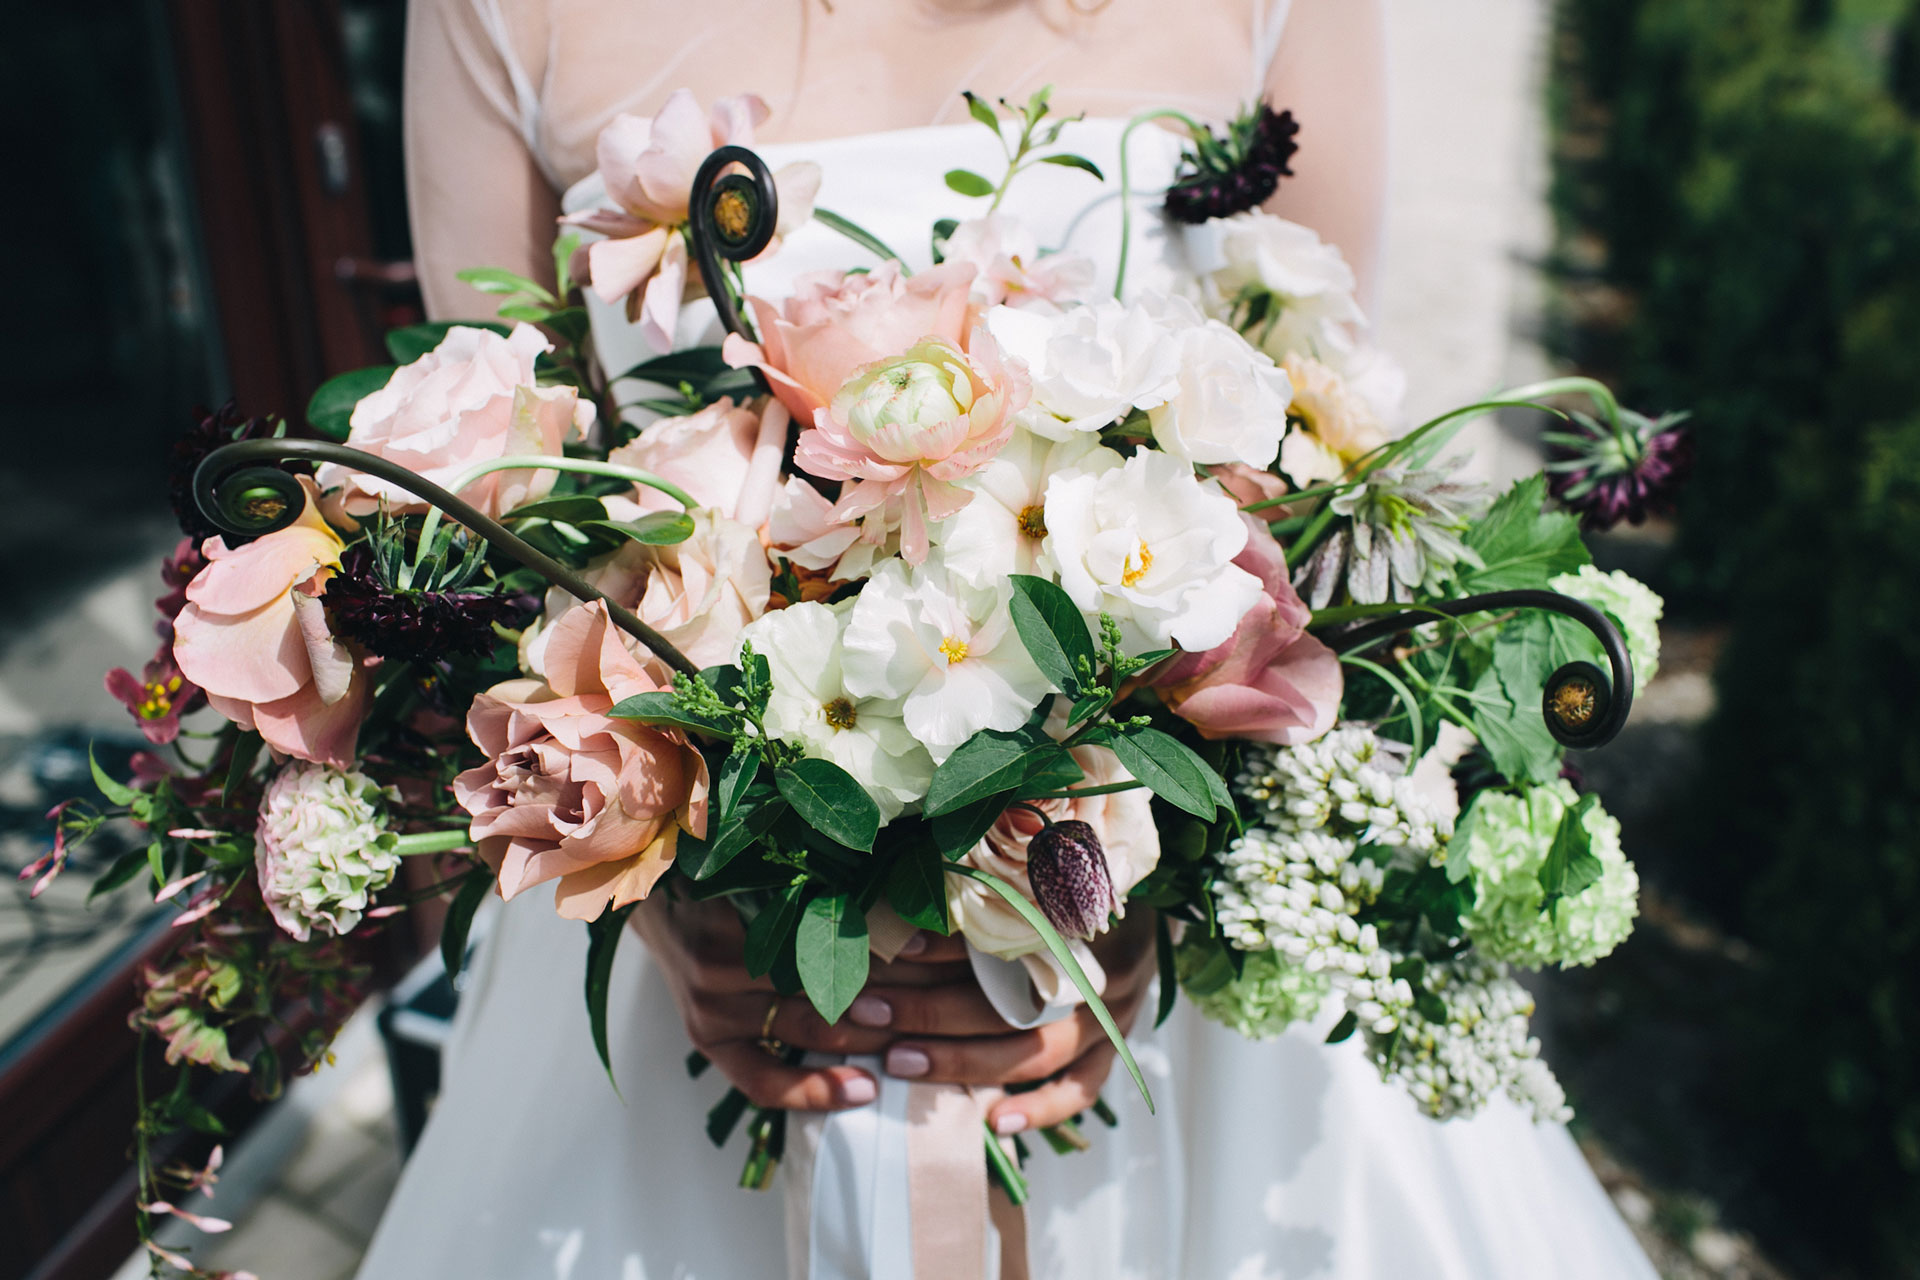 Flowerbazar: Интервью с невестой фото 4